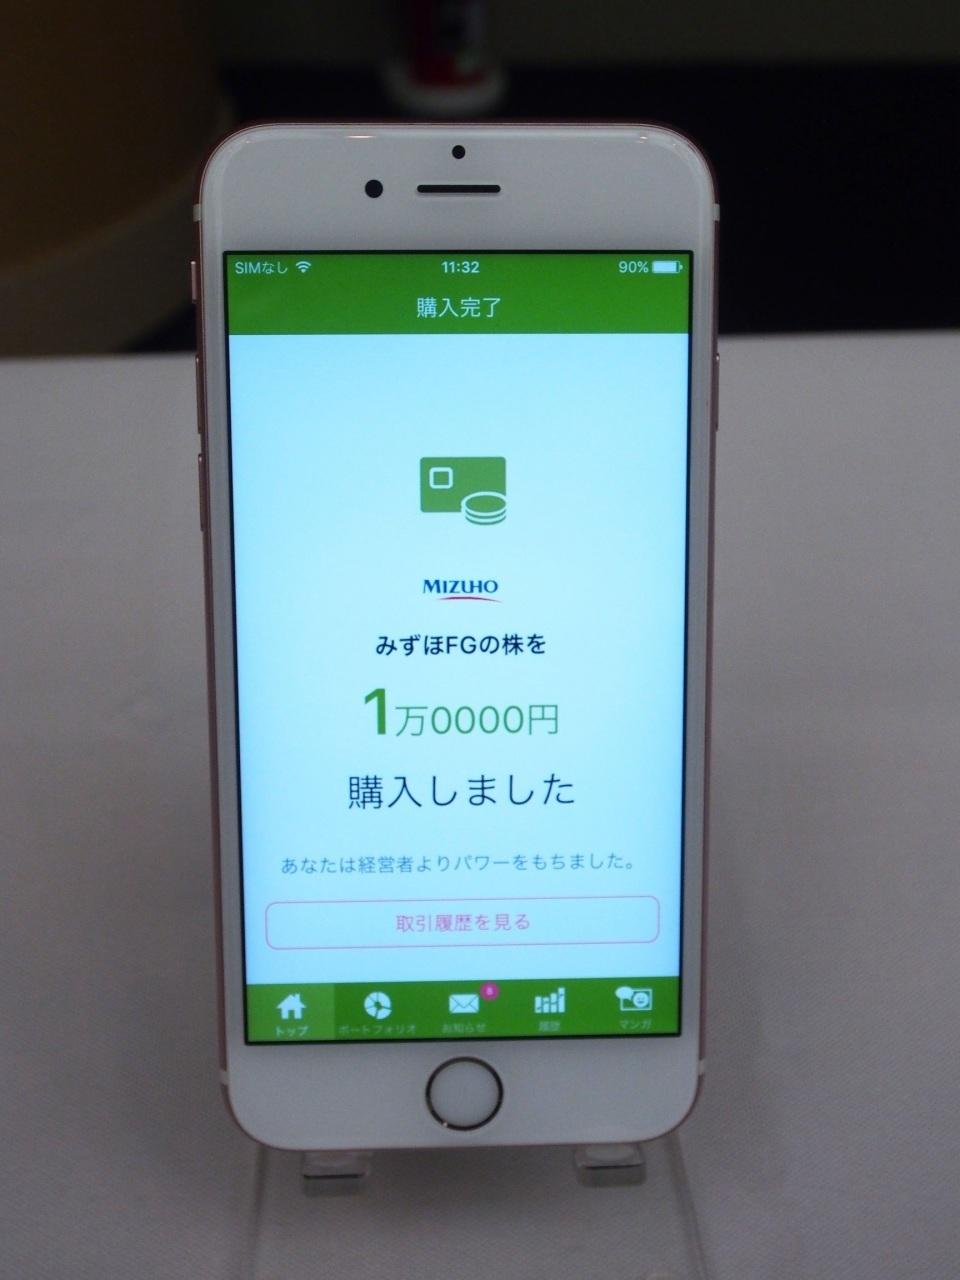 1000円で株主に!証券取引アプリ「One Tap Buy」が日本株個別銘柄の取り扱いスタート 12番目の画像